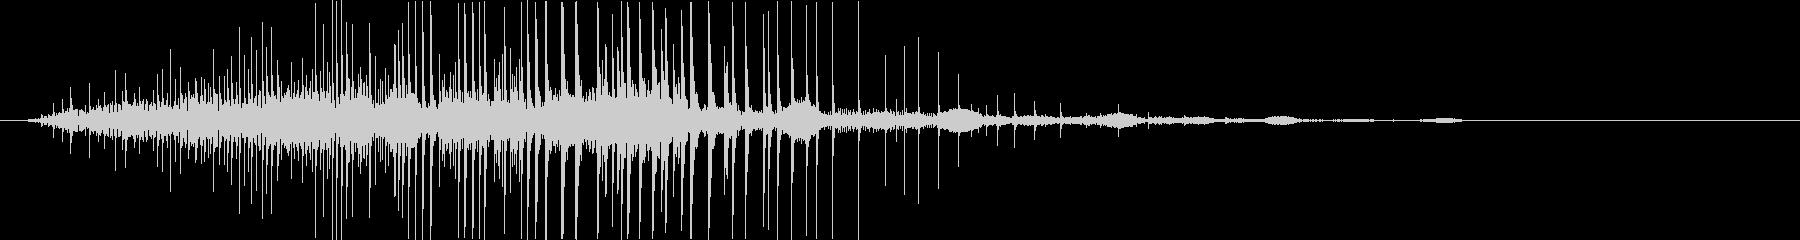 鋭い マーブルポットダーク07の未再生の波形